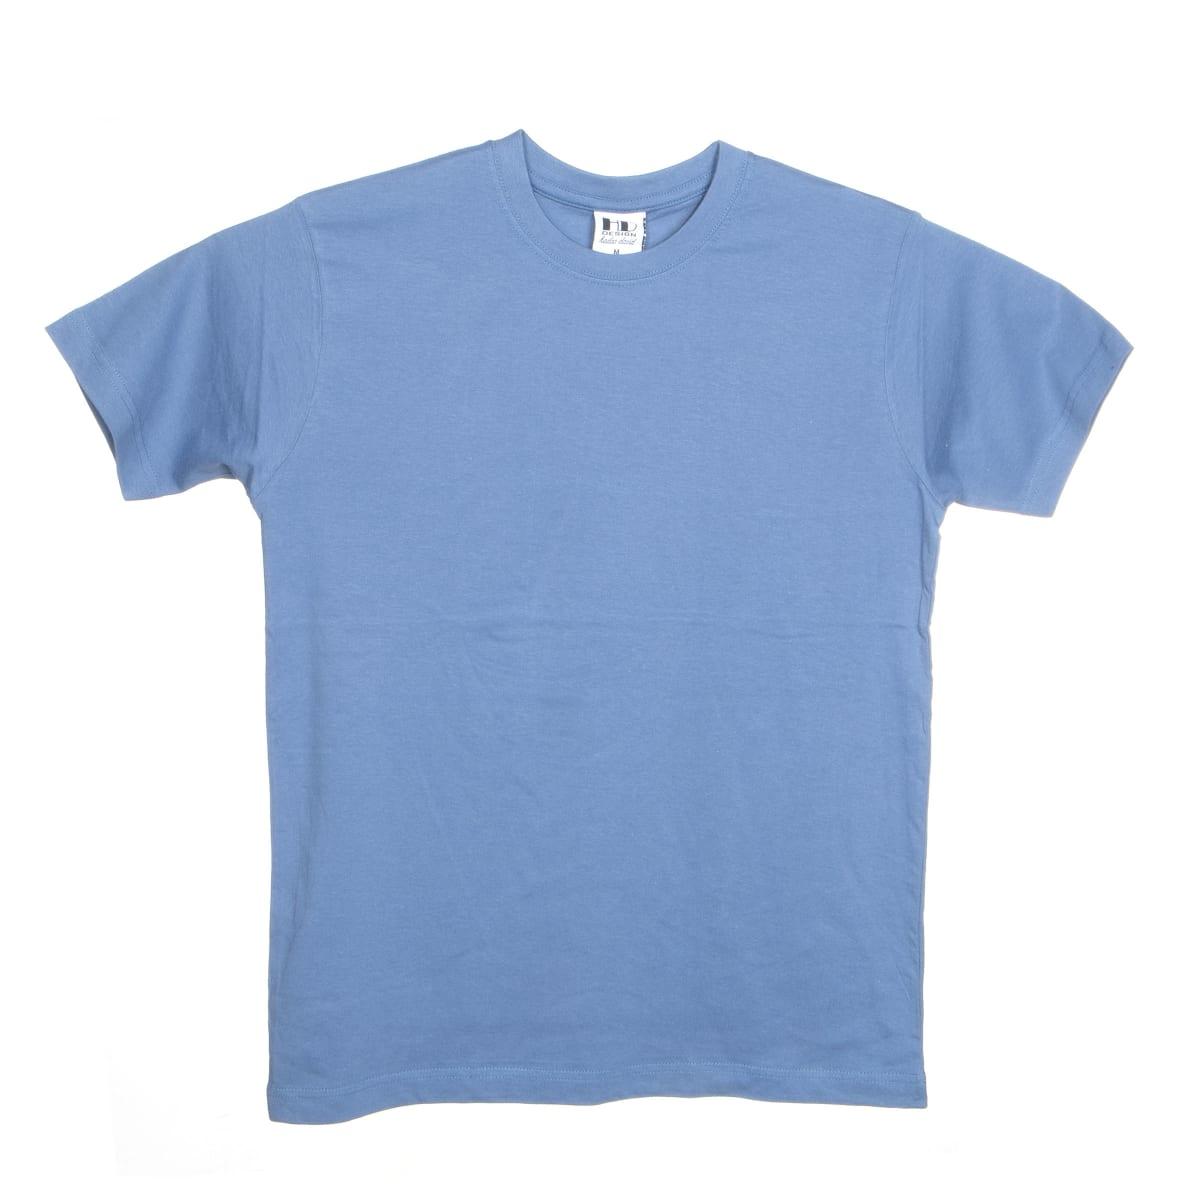 הדפסה על חולצה | חולצת כותנה | חולצות כותנה | חולצת כותנה בצבע ג׳ינס